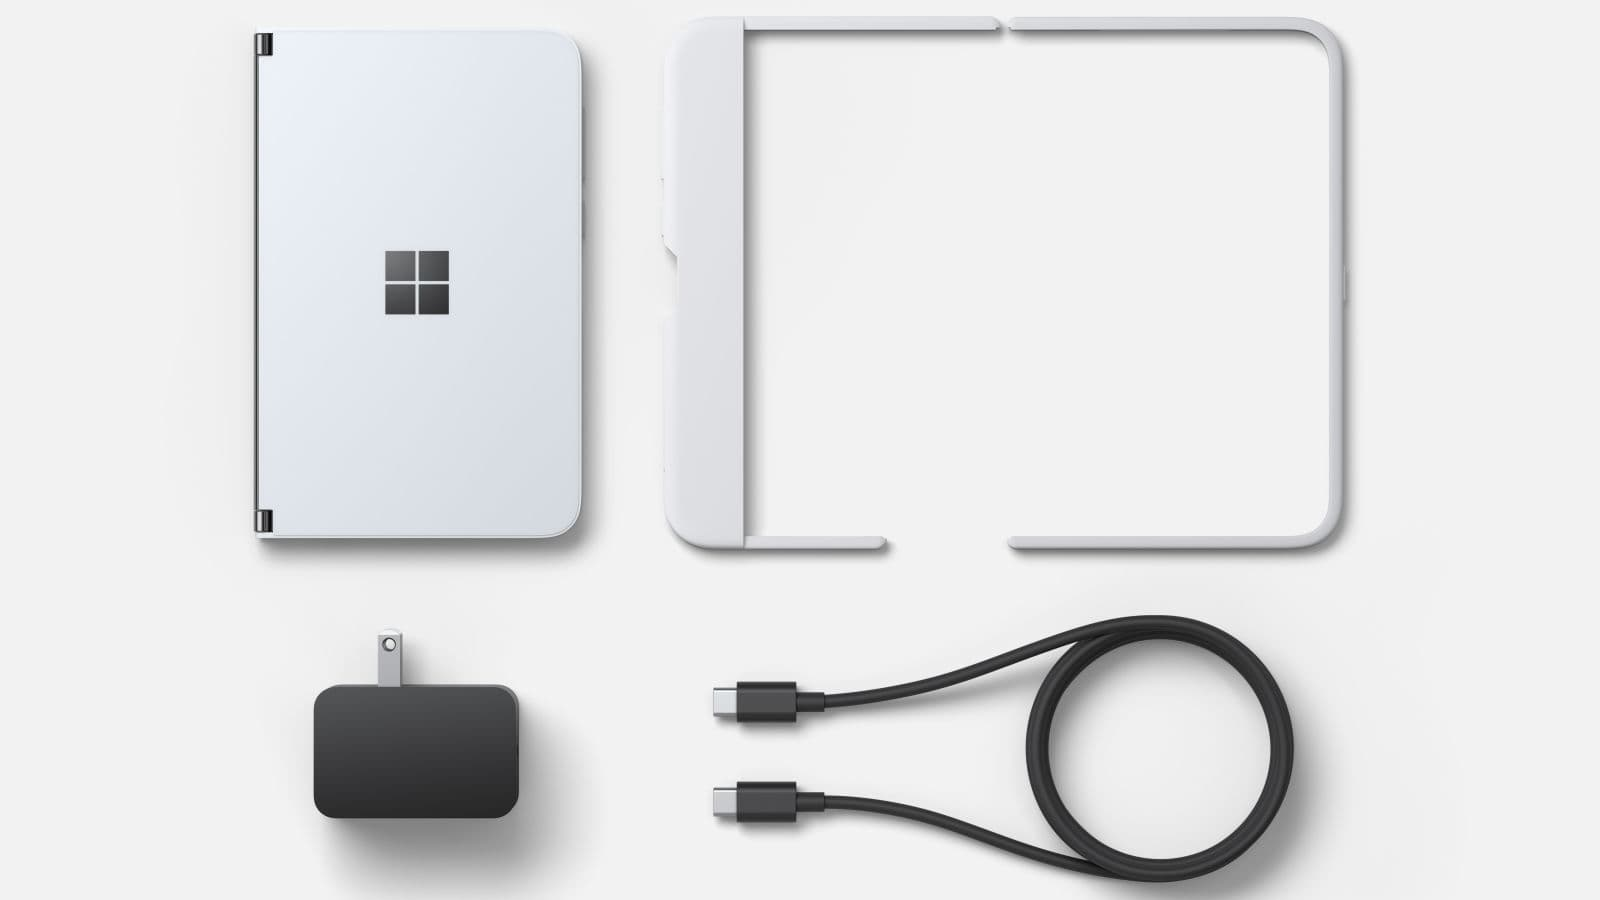 Junto com um adaptador de energia e um cabo, o Surface Duo também virá com uma capinha na caixa